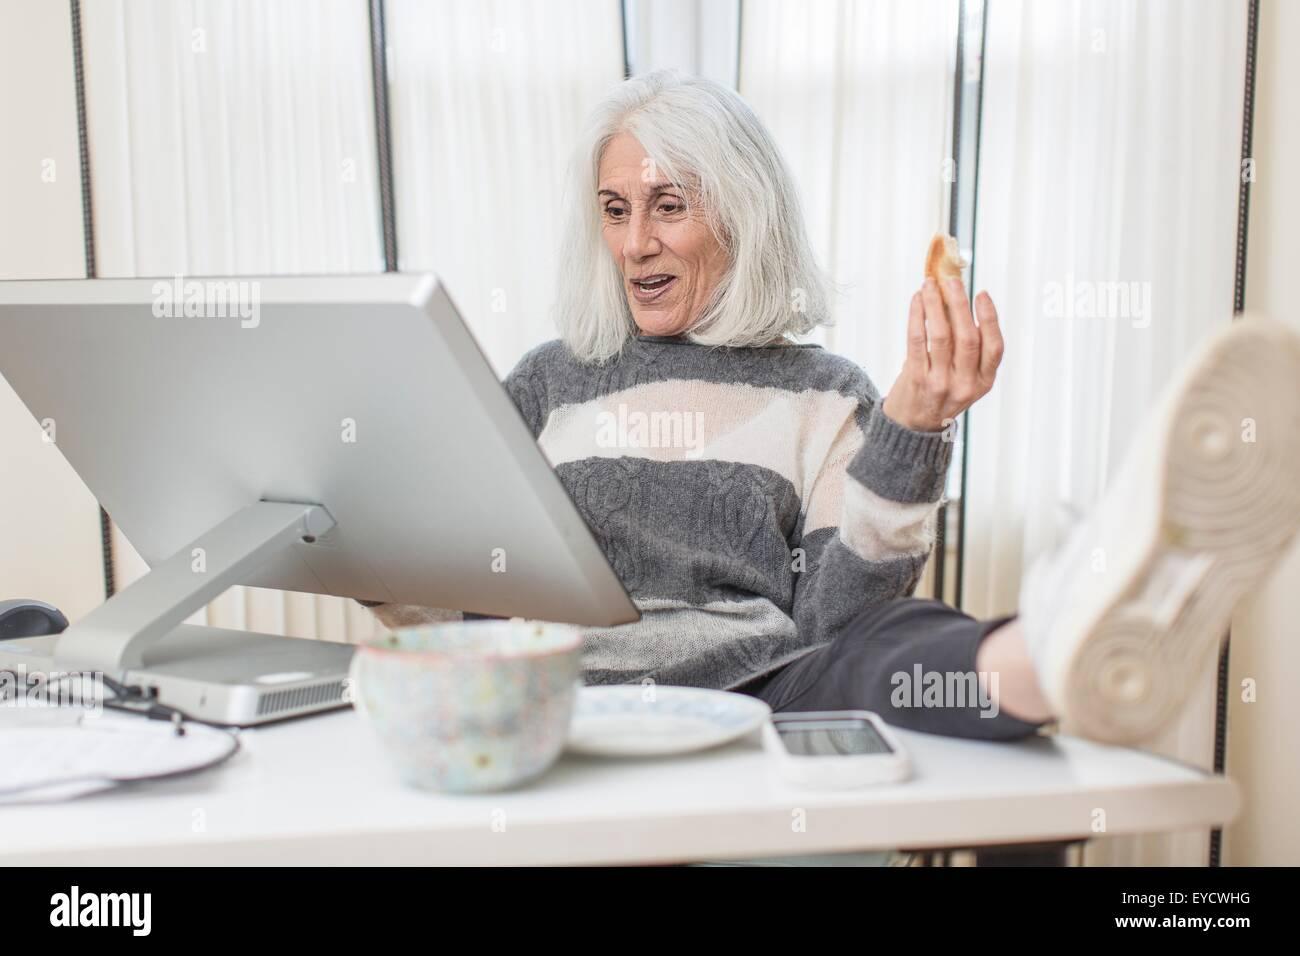 Portrait of senior woman sitting at computer avec pied sur 24 Photo Stock